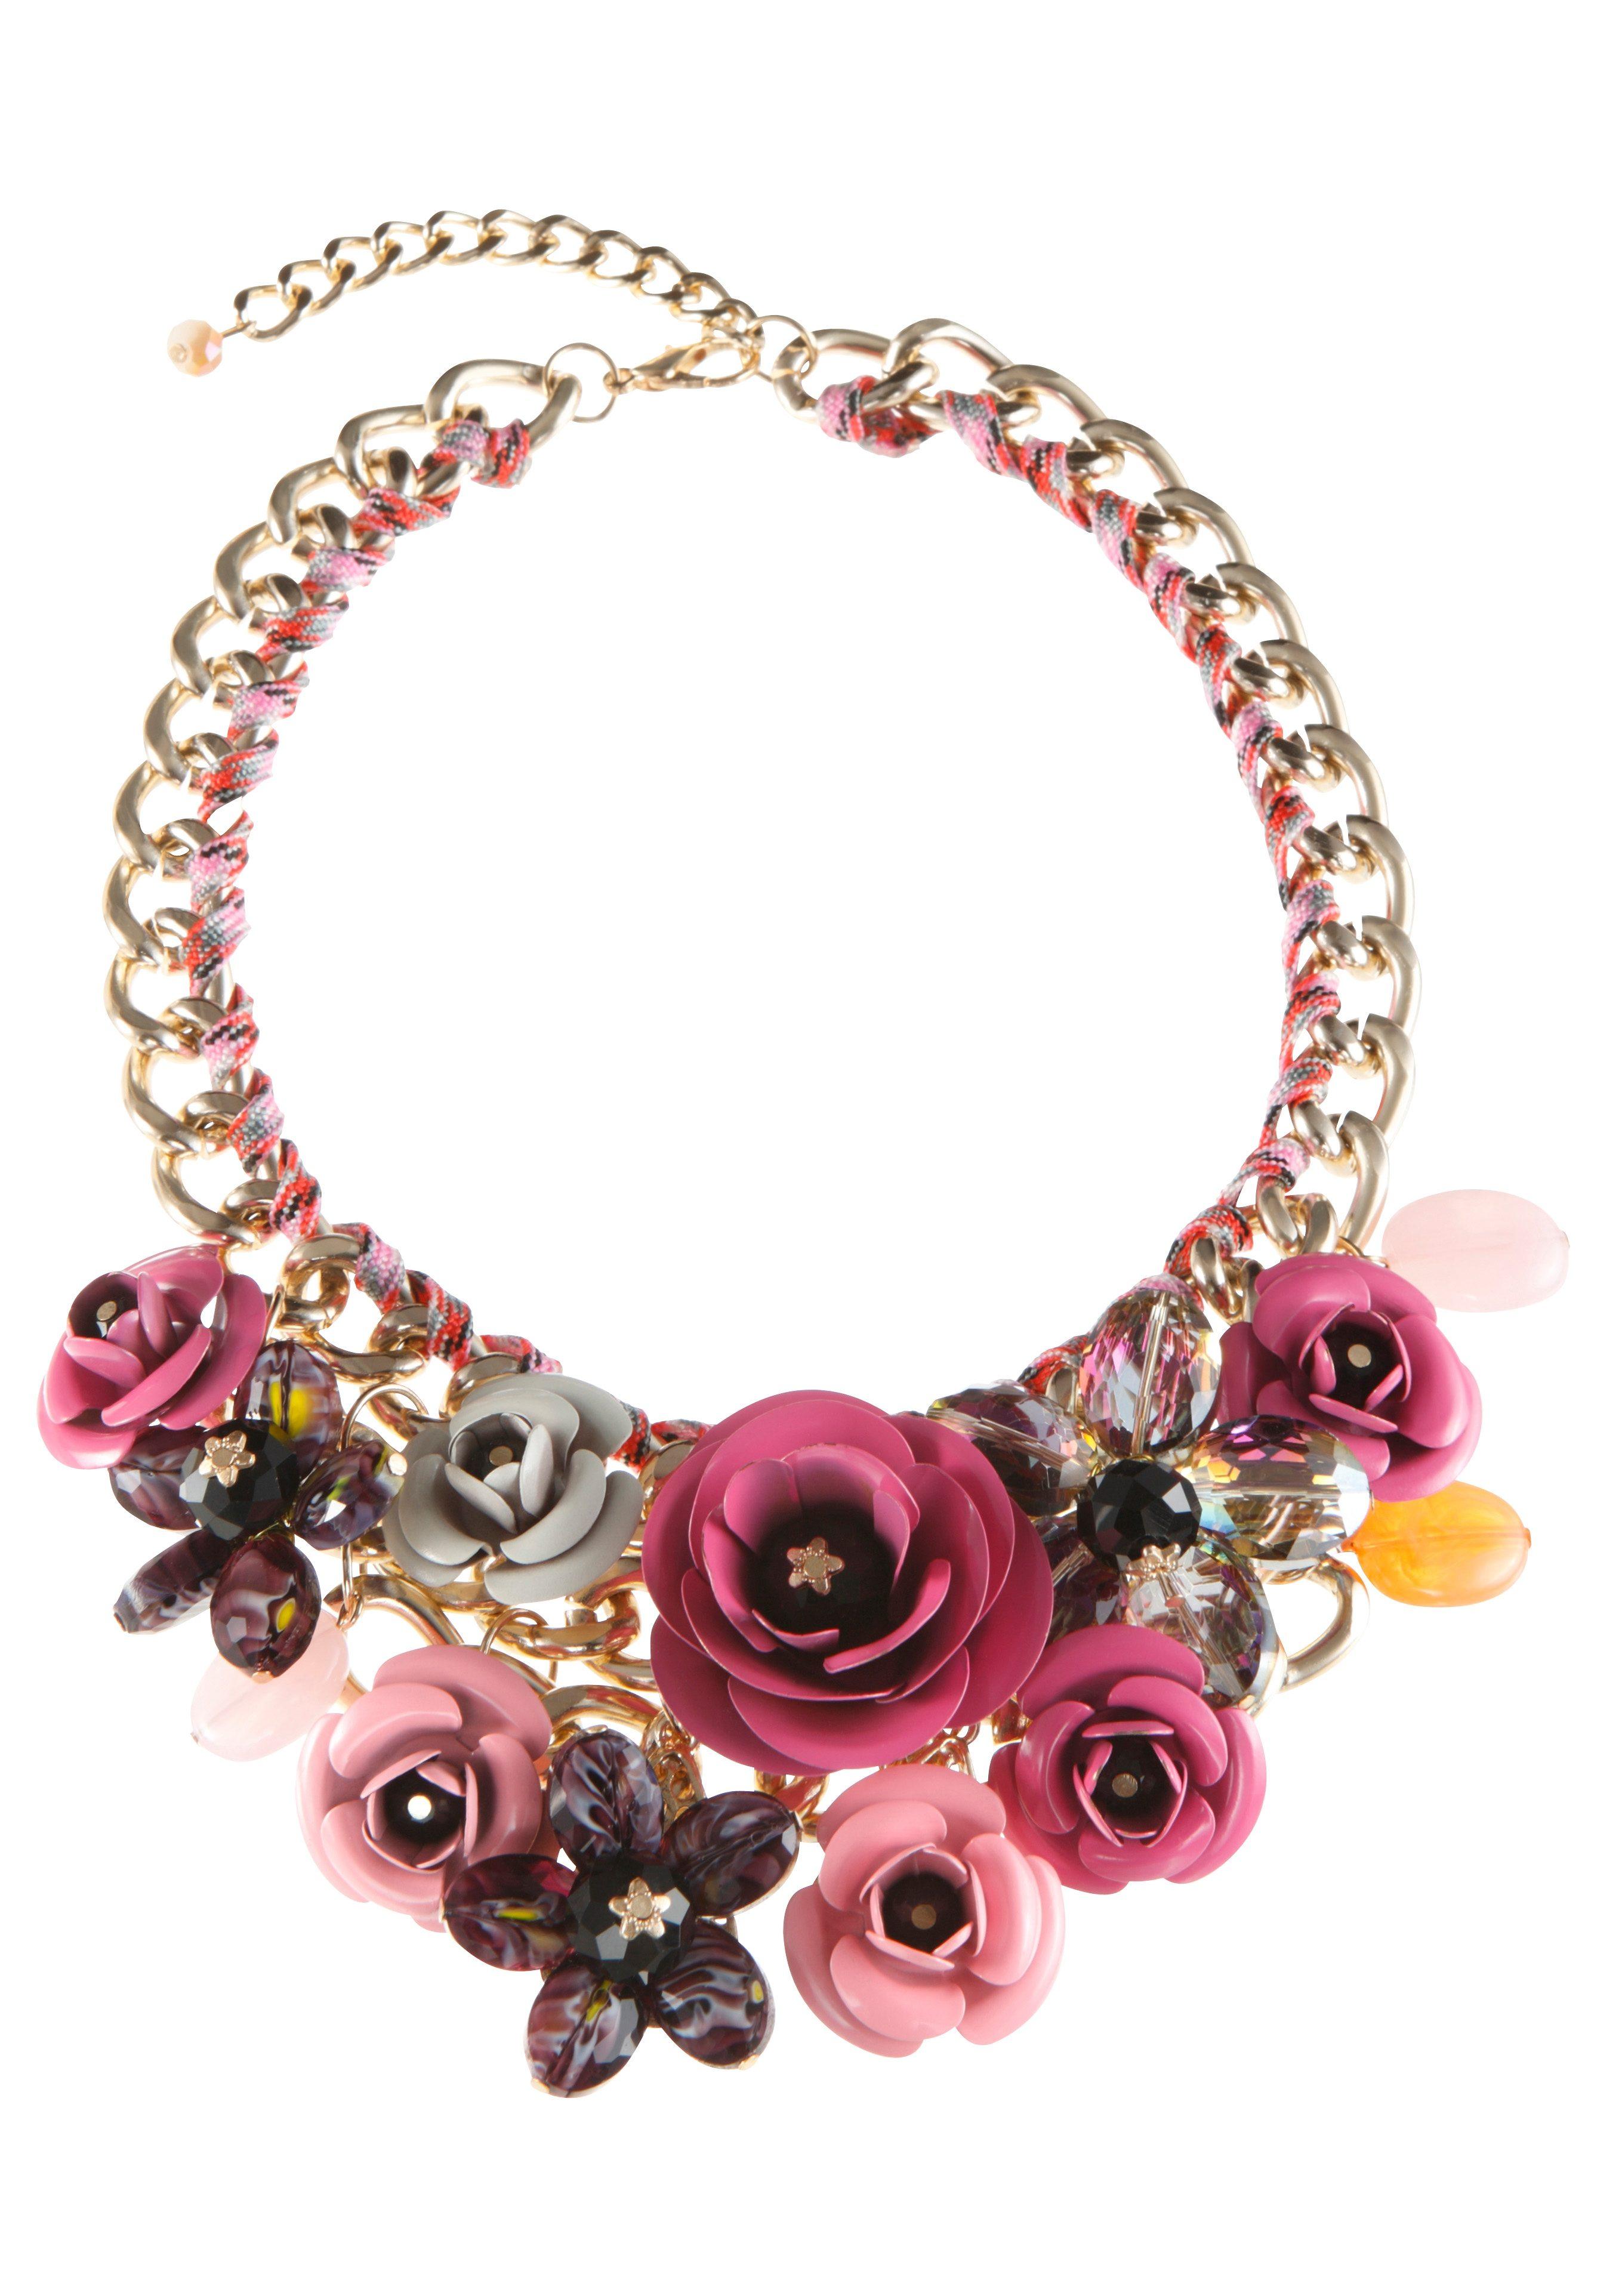 Klimm Trachten-Halskette mit farbigen Textilbändchen